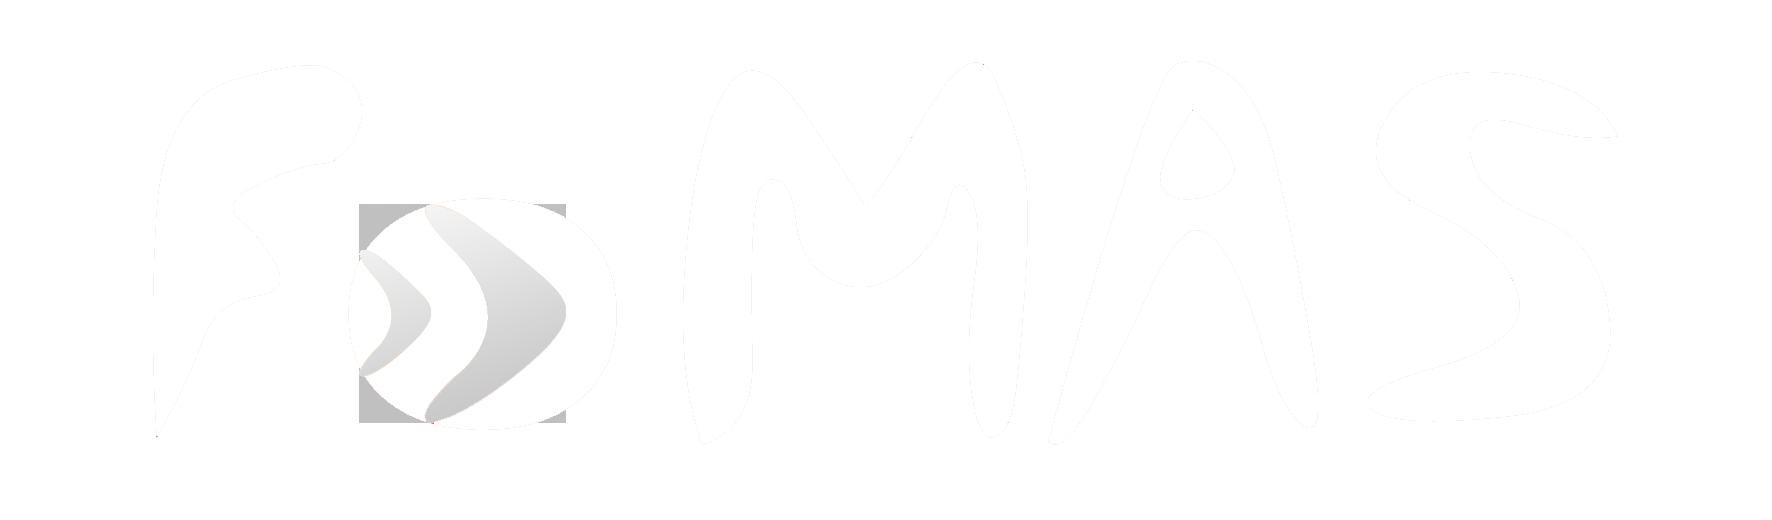 Fomas logo